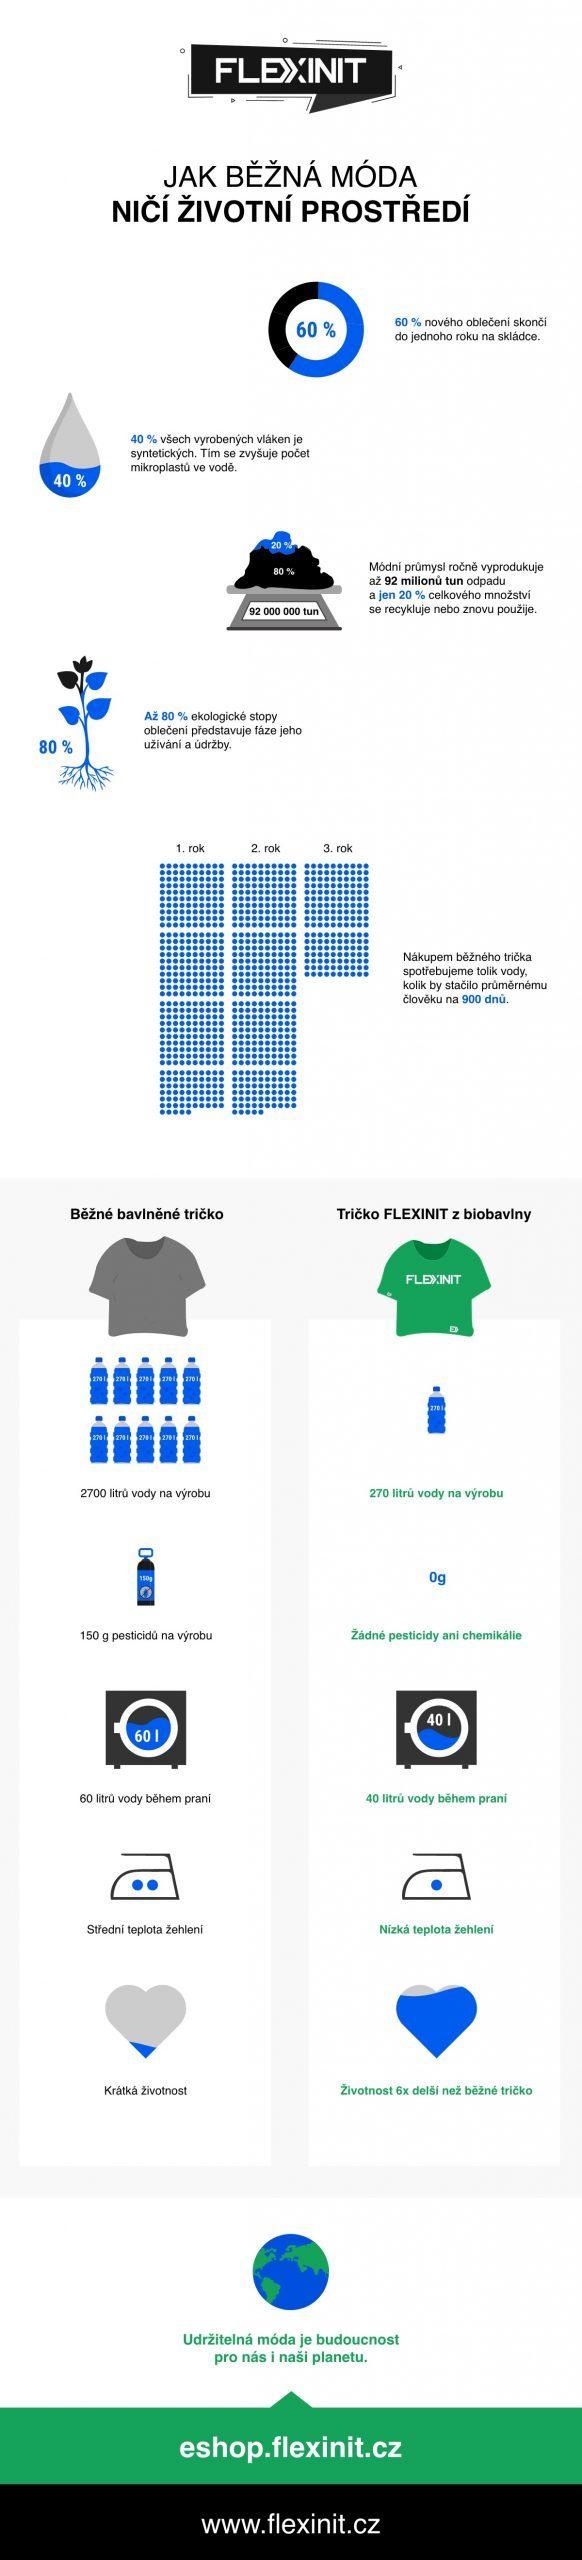 Jak běžná móda ničí životní prostředí, Flexinit, Udržitelná móda je budoucnost pro nás i naši planetu